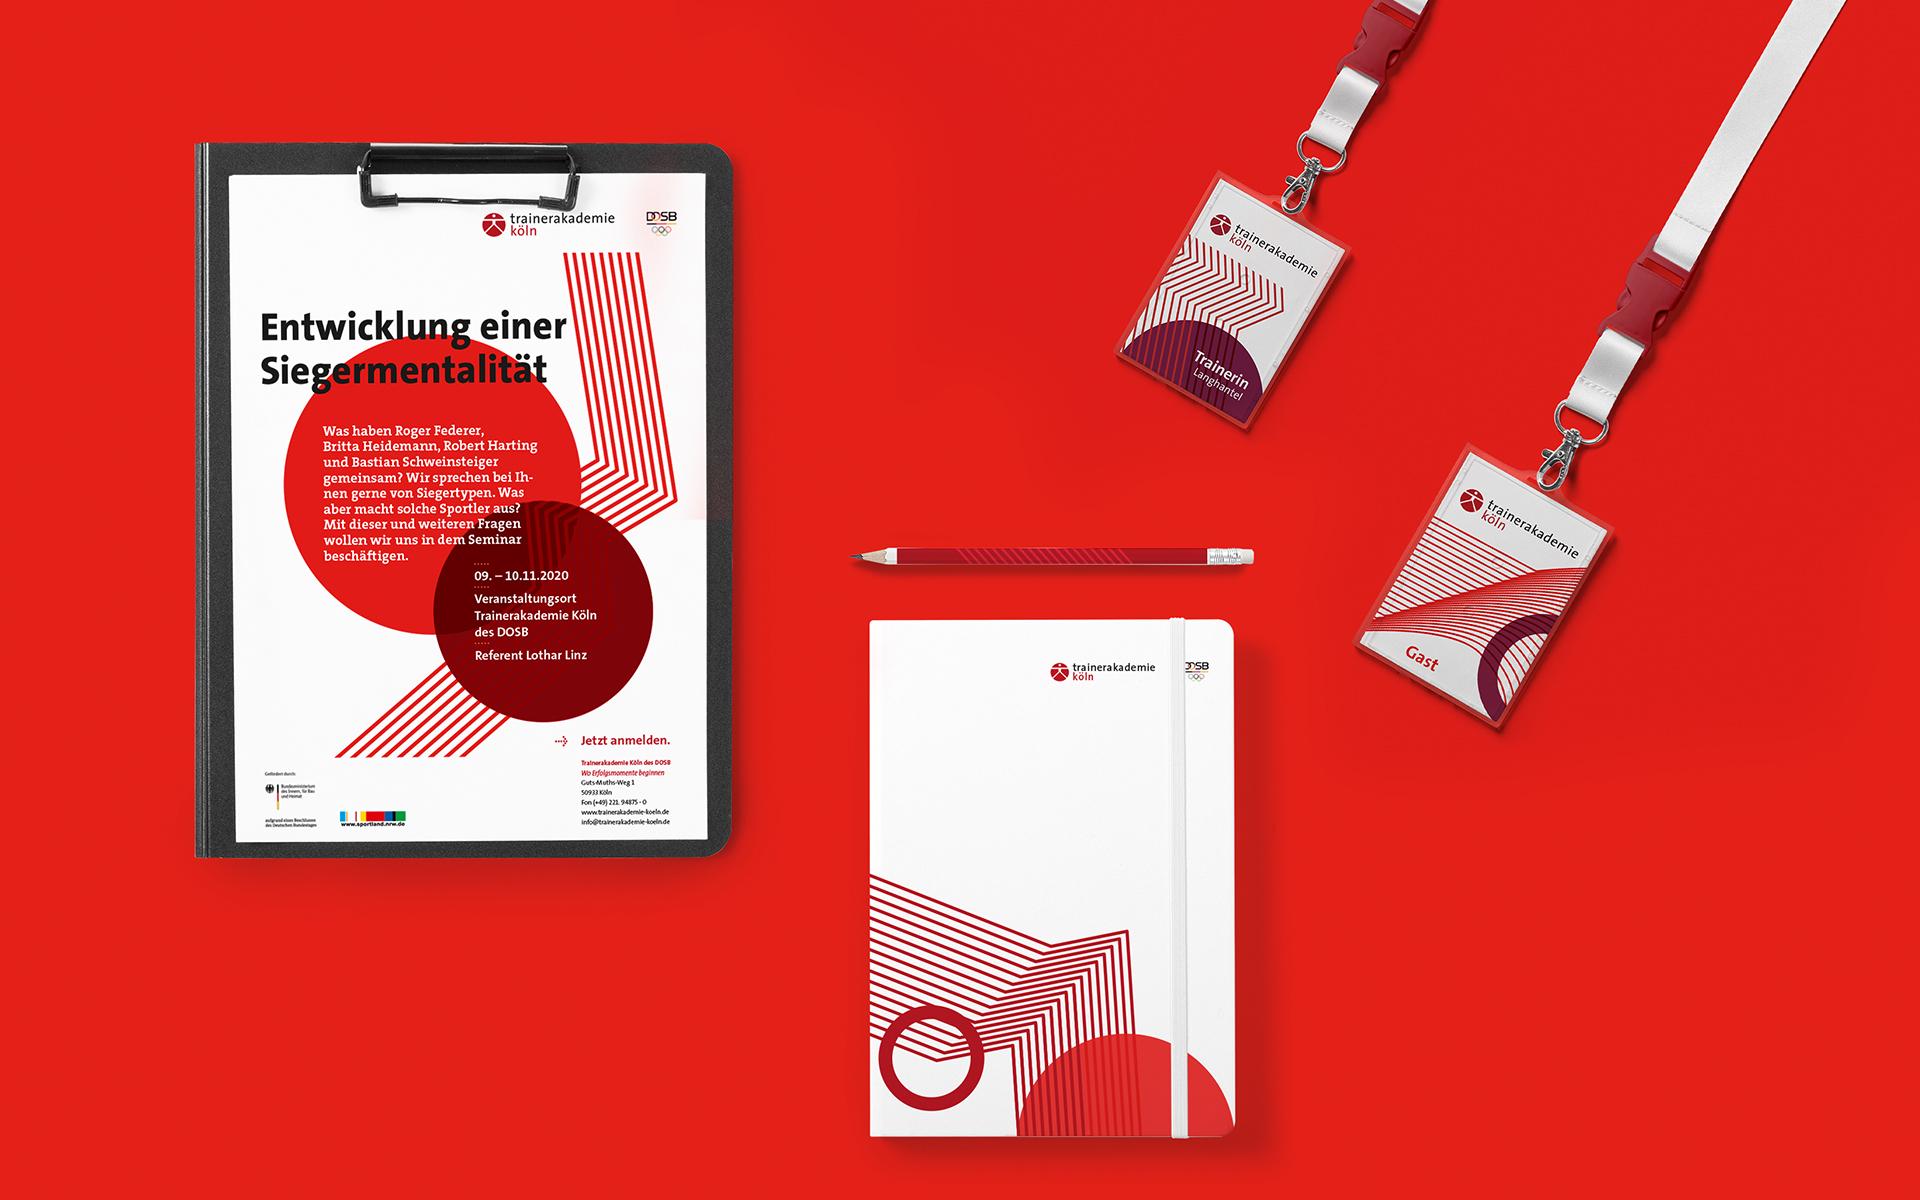 Trainerakademie Köln Corporate Design, Geschäftsausstattung, Notizblock und Mitarbeiterausweis